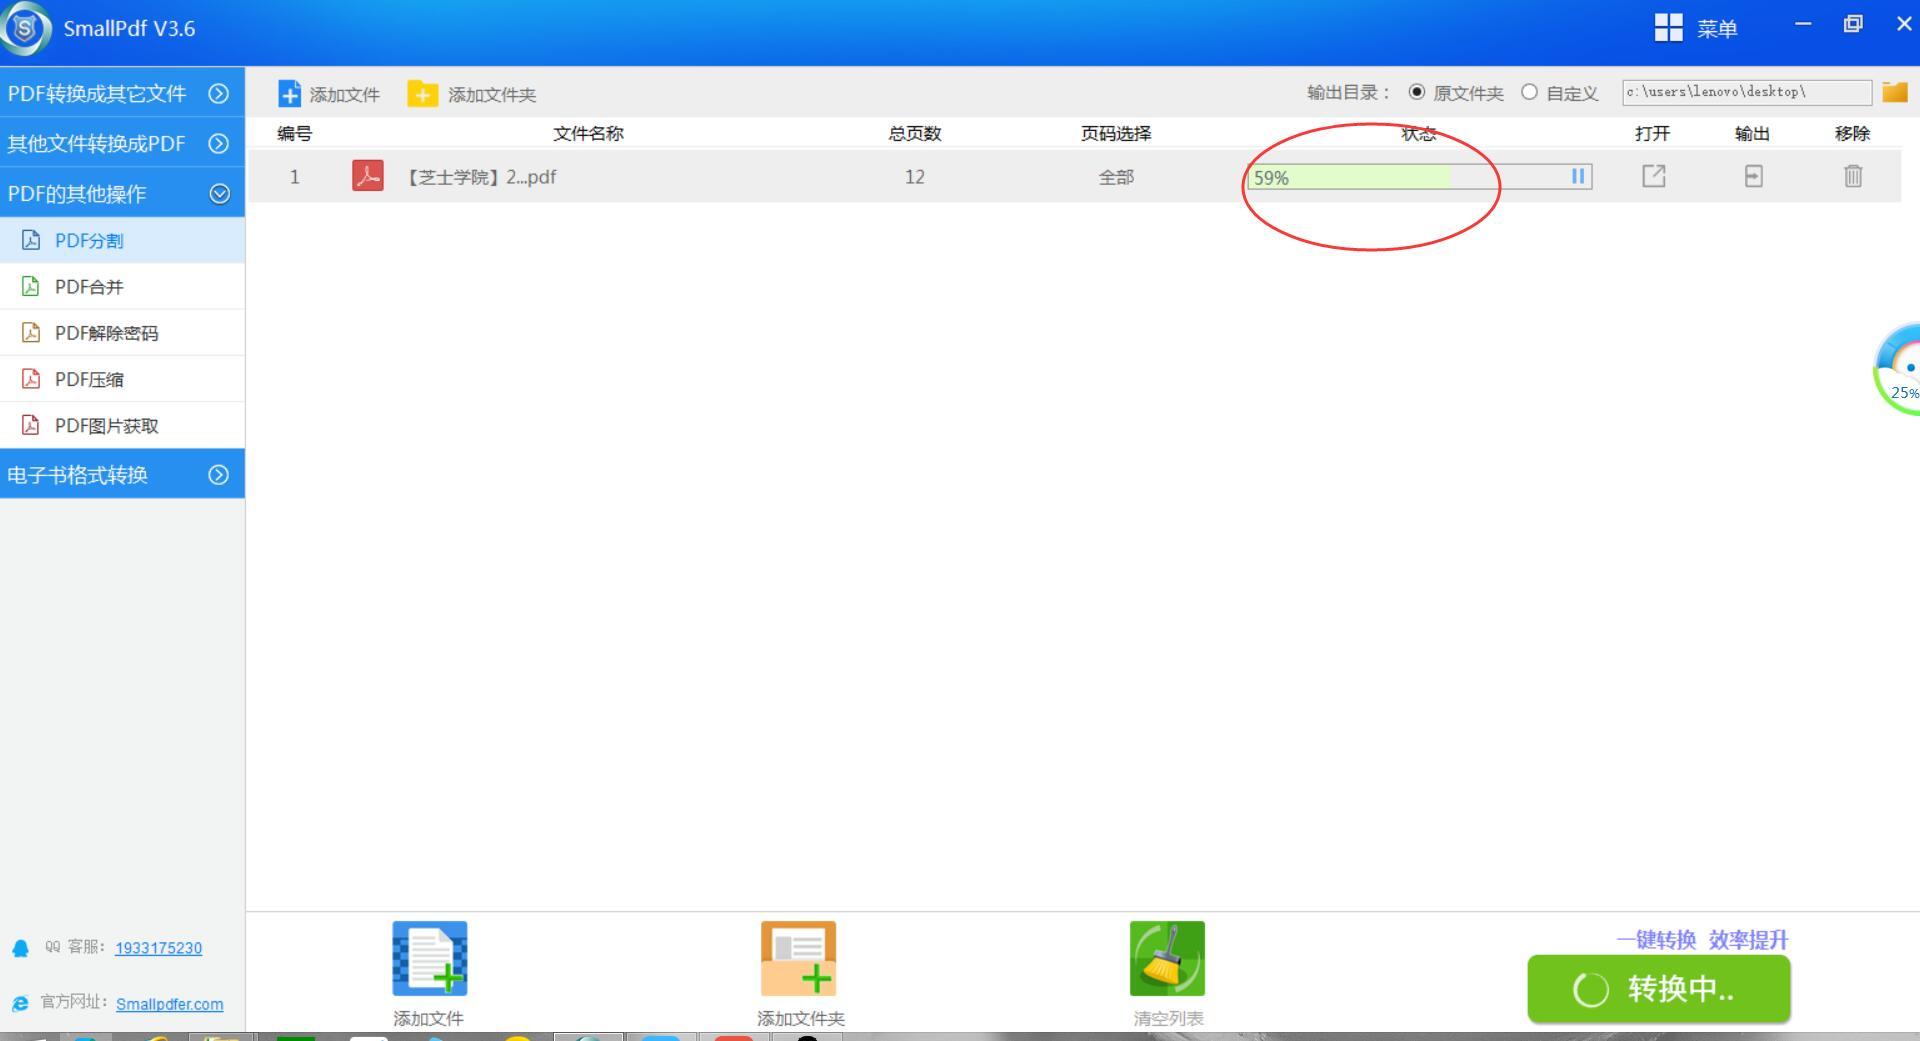 Small PDF转换成图片软件的PDF拆分操作-3